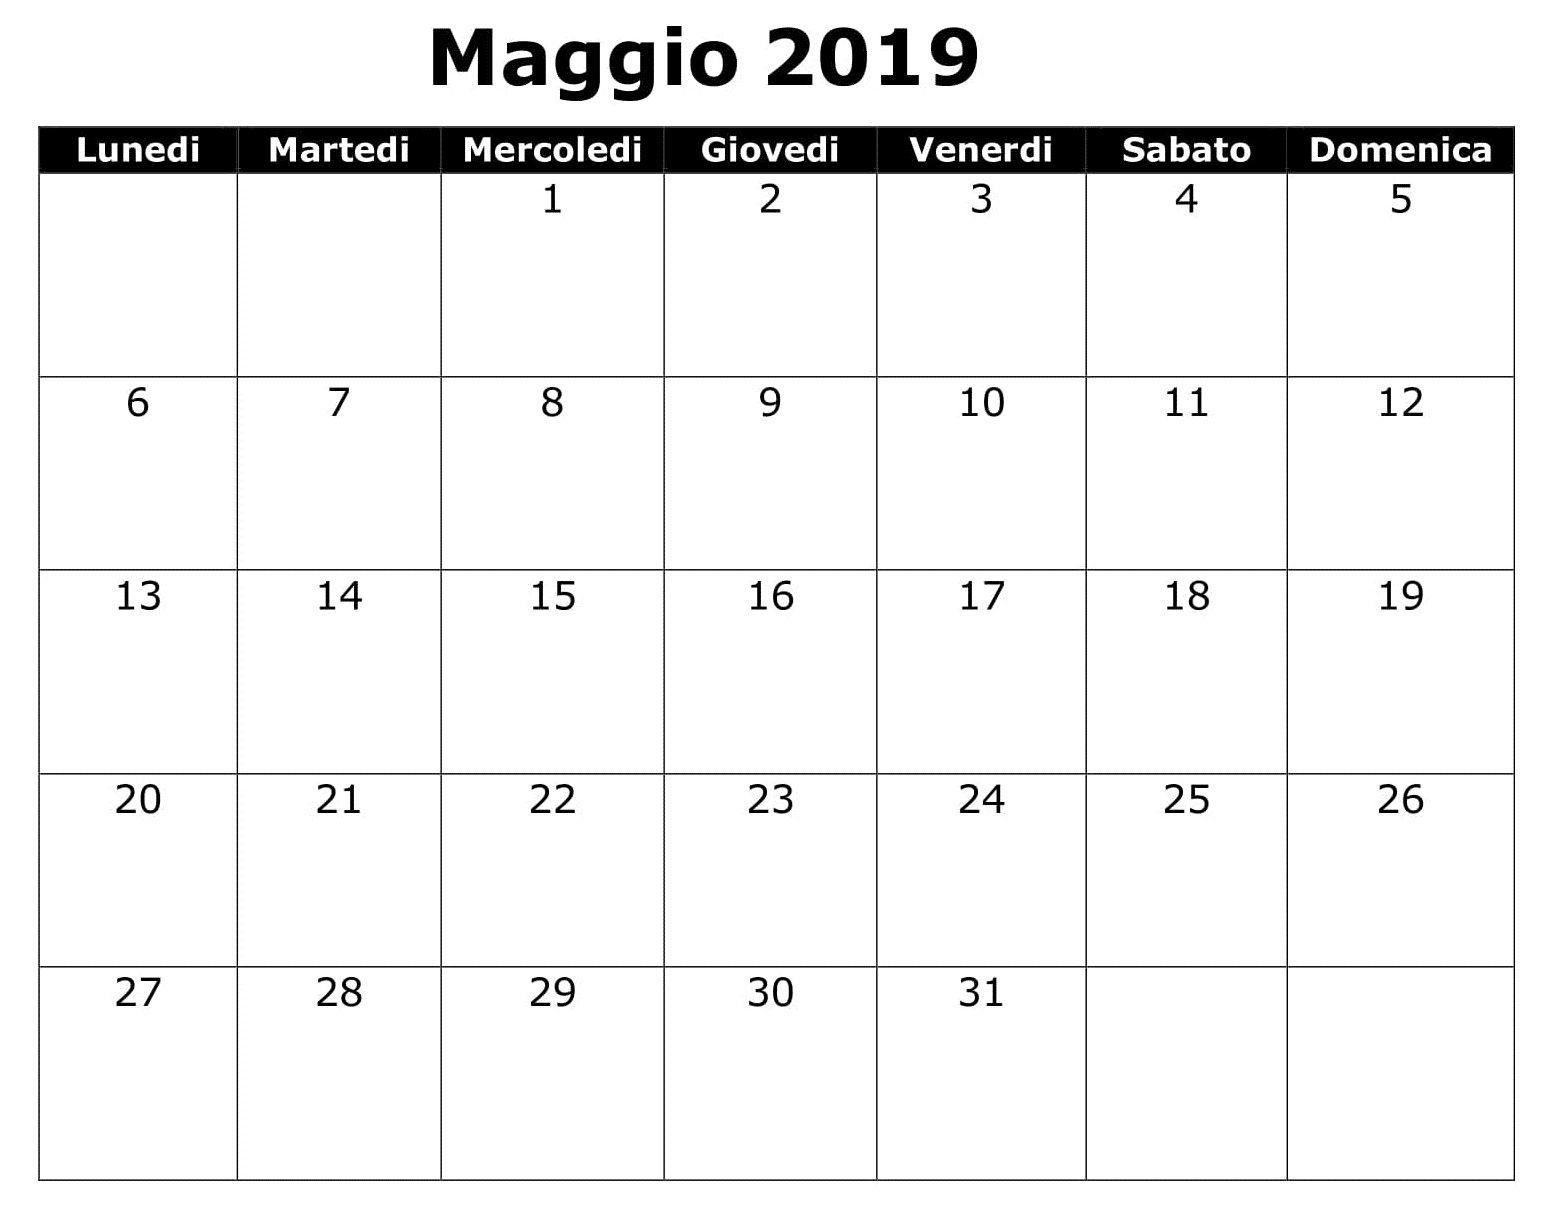 Gratuito Calendario Maggio 2019 | Calendario, Maggio, Mercoledì